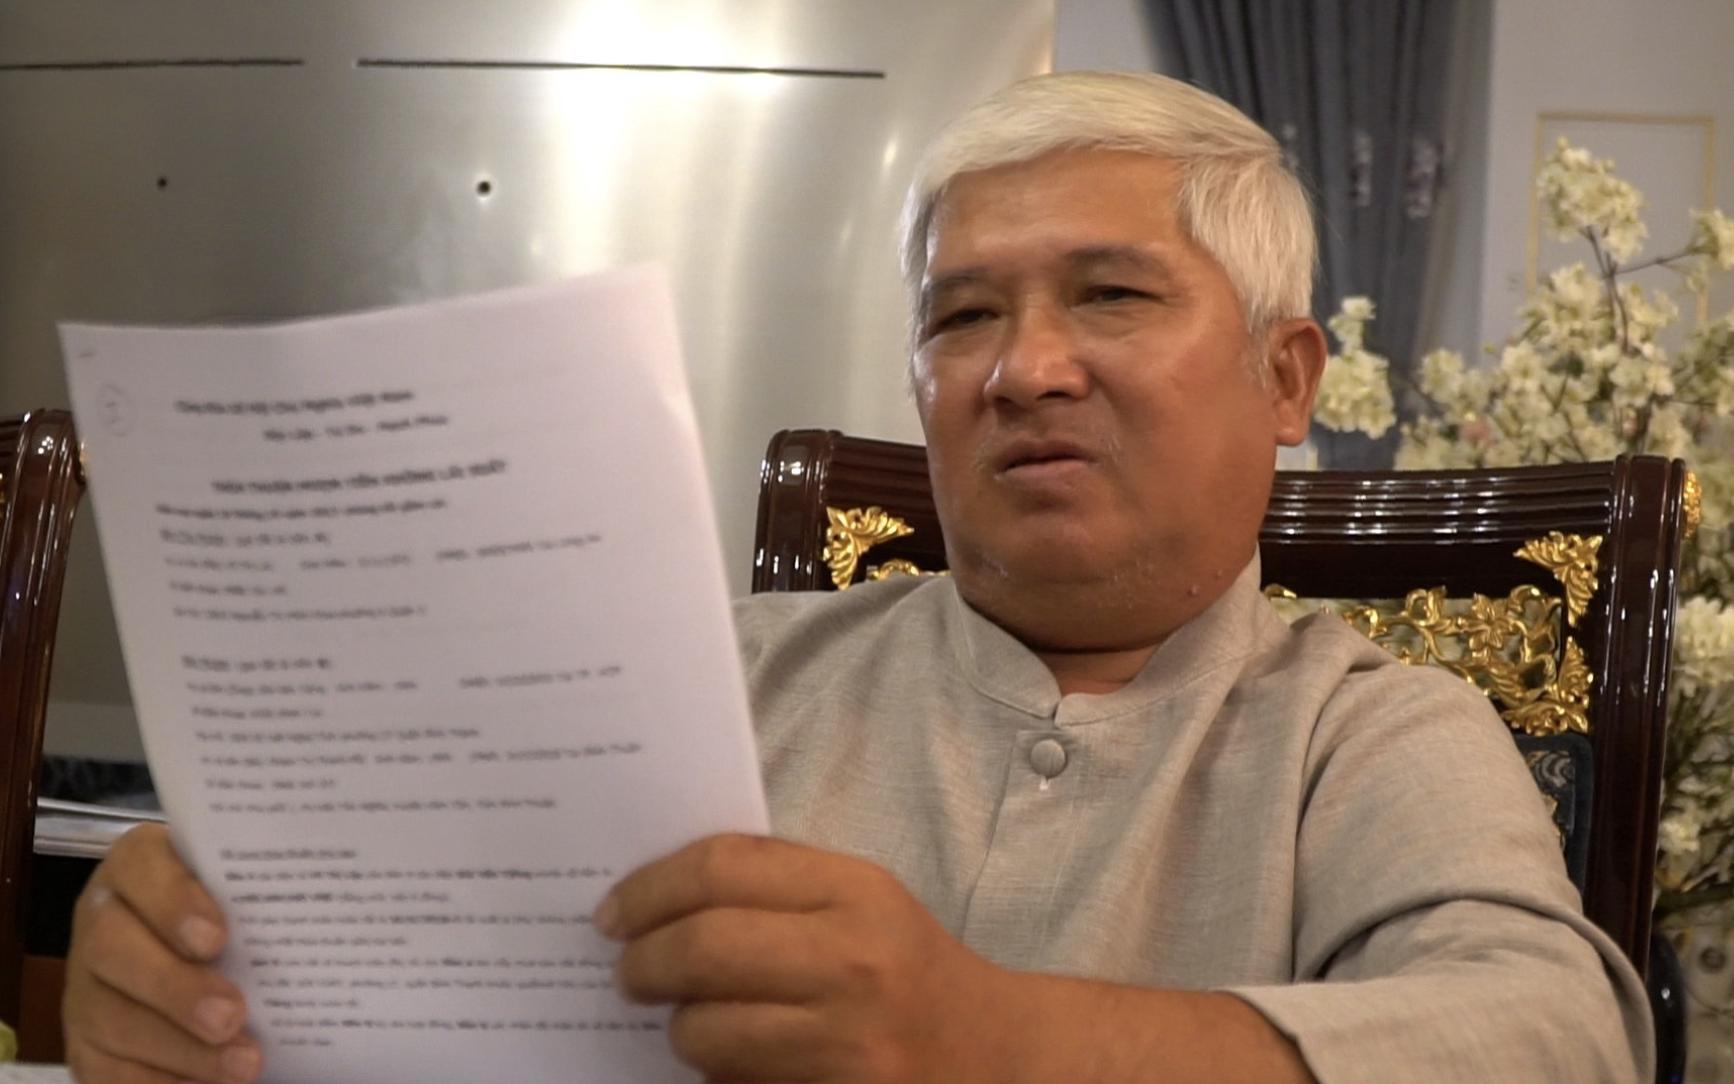 Thêm nạn nhân tố bị lương y Võ Hoàng Yên lừa ký giấy vay nợ tiền tỷ, đe doạ ép giao 19ha đất